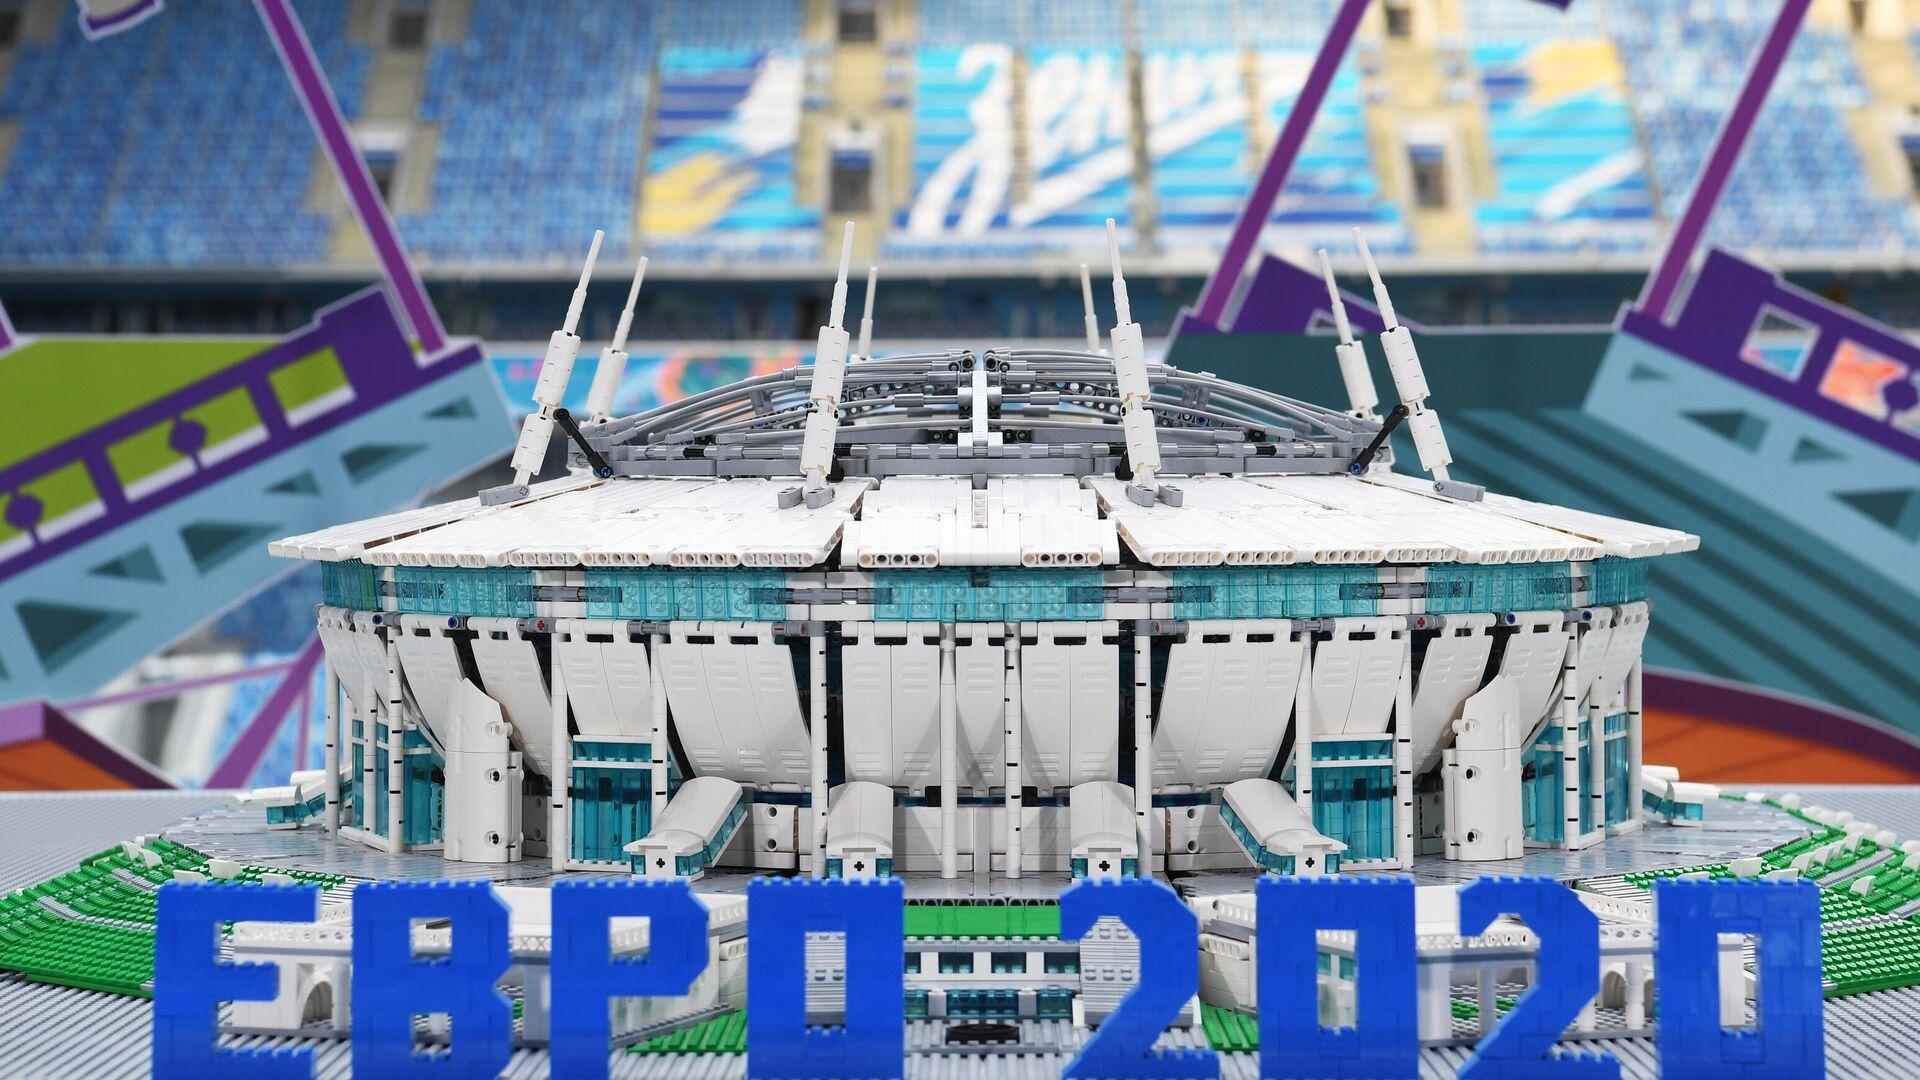 Макет футбольного стадиона Зенит-Арена - РИА Новости, 1920, 23.04.2021